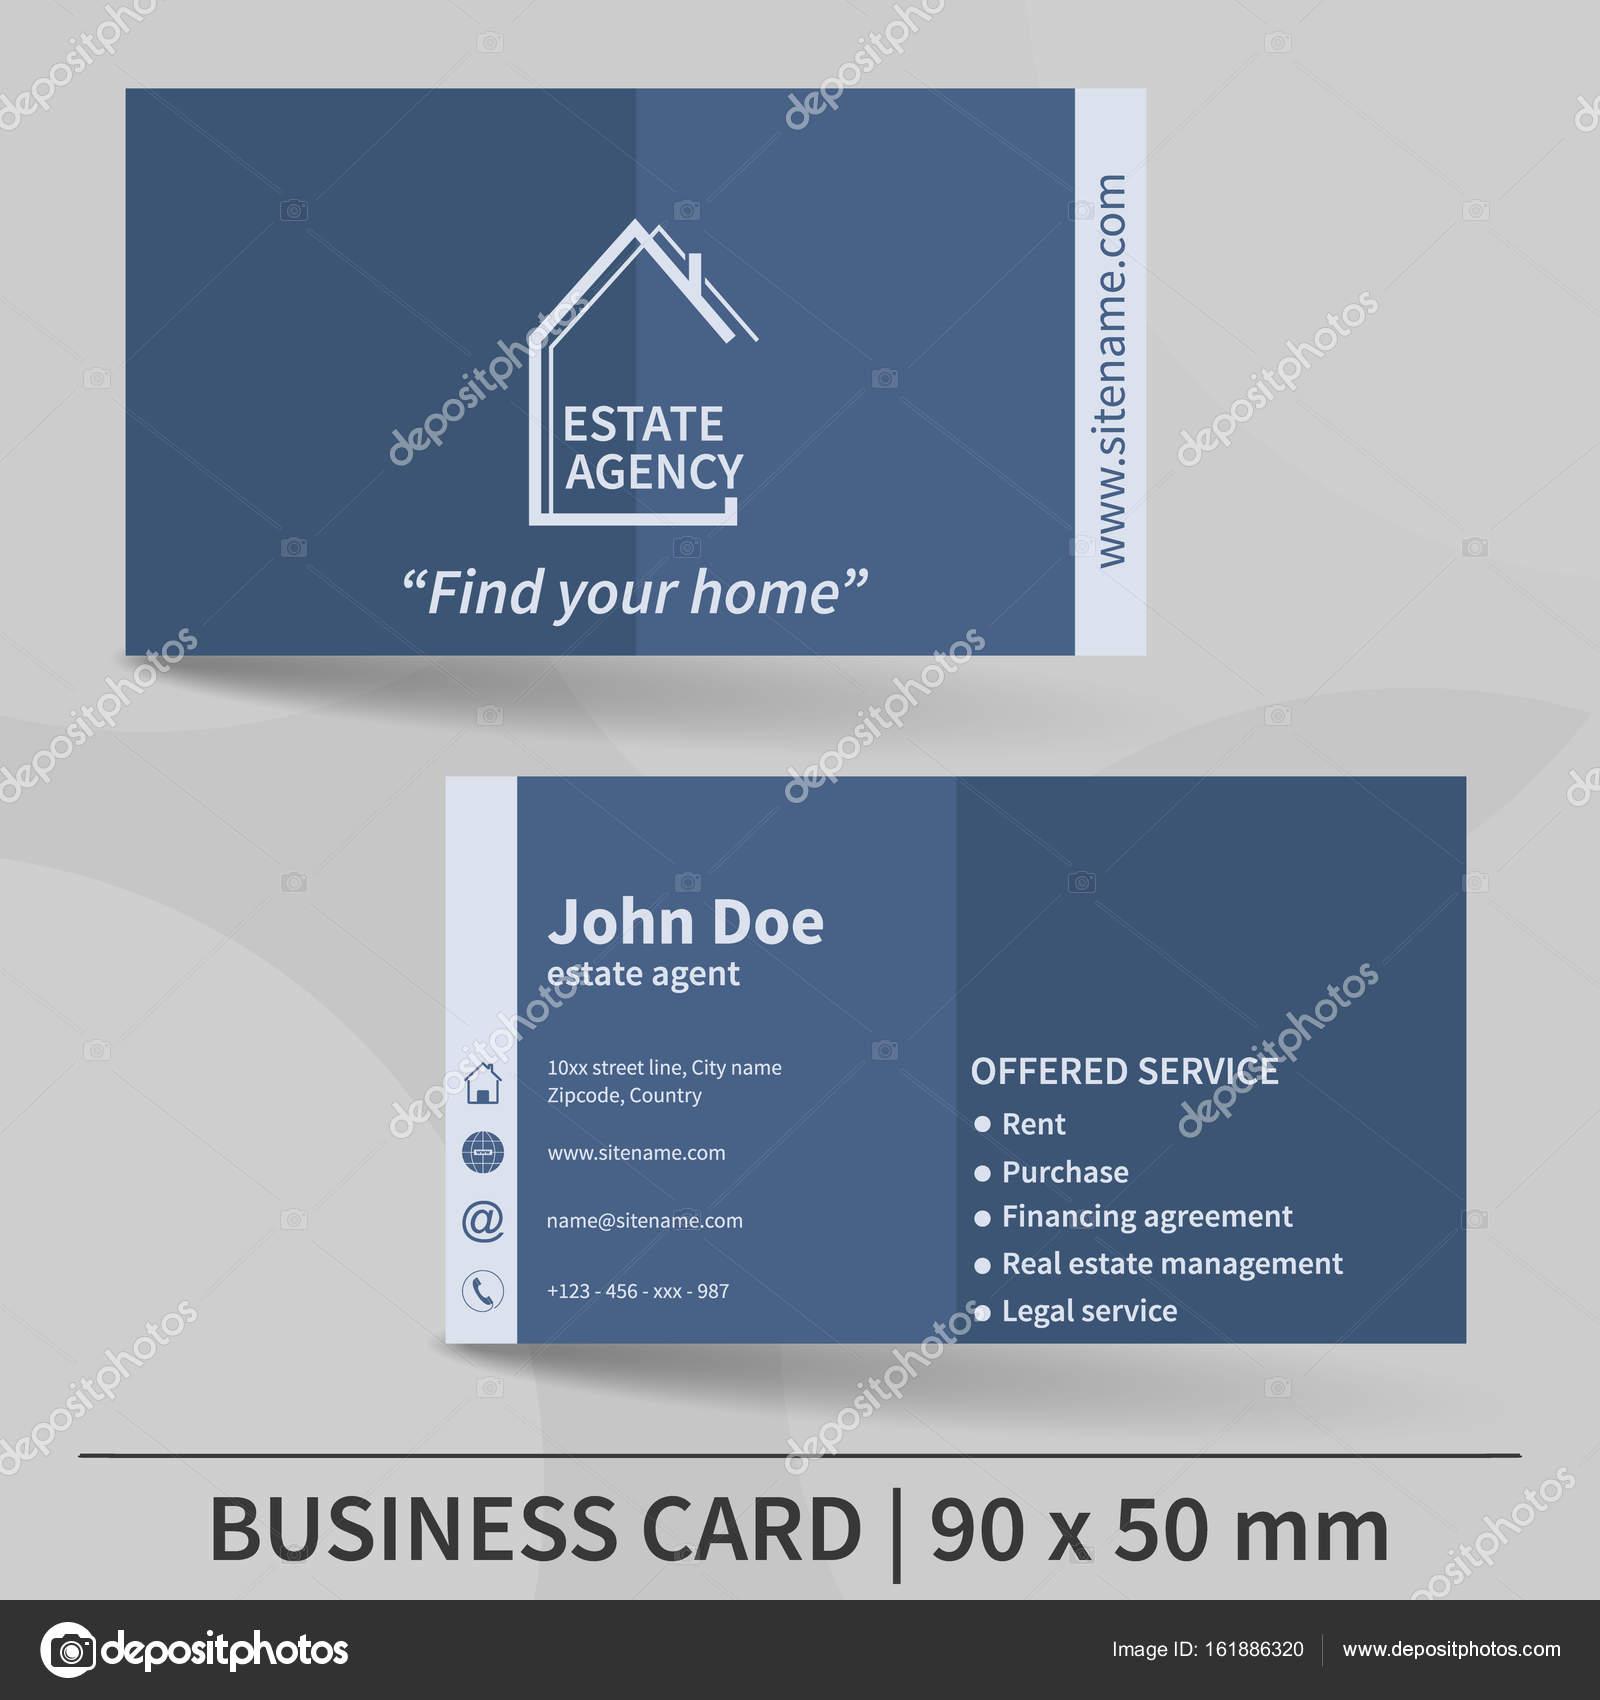 Visitenkarte Vorlage Immobilien Agentur Vektor Design